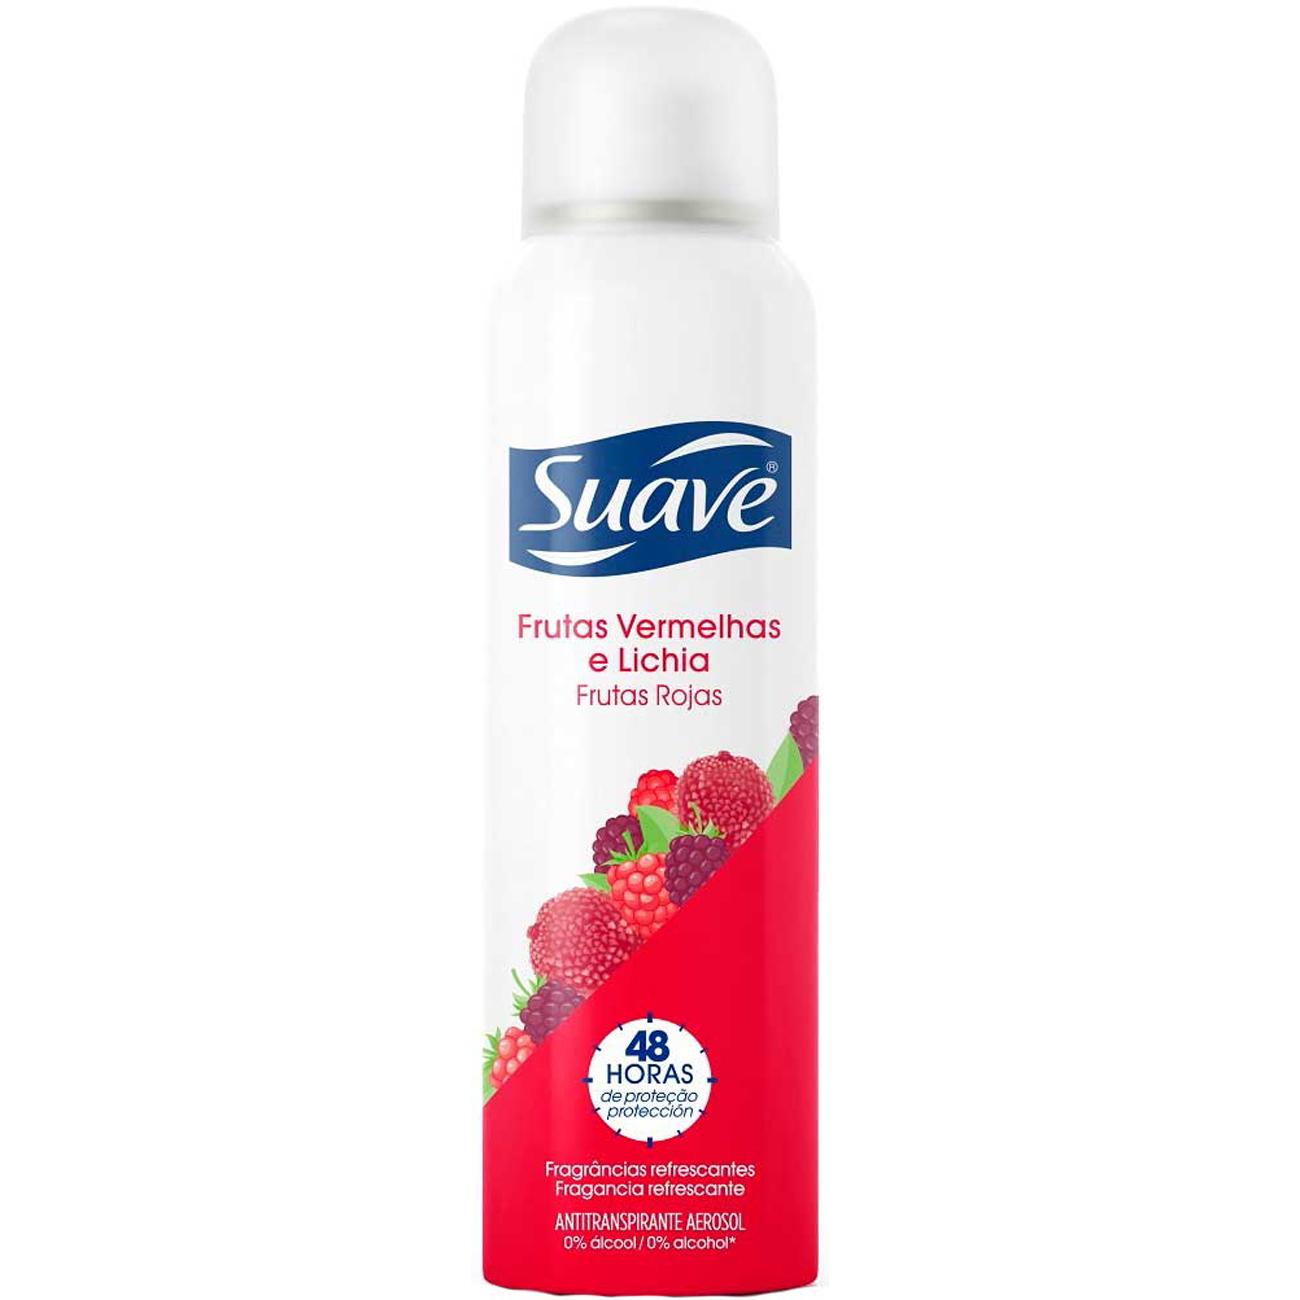 Desodorante Antitranpirante Suave Frutas Vermelhas E Lichia